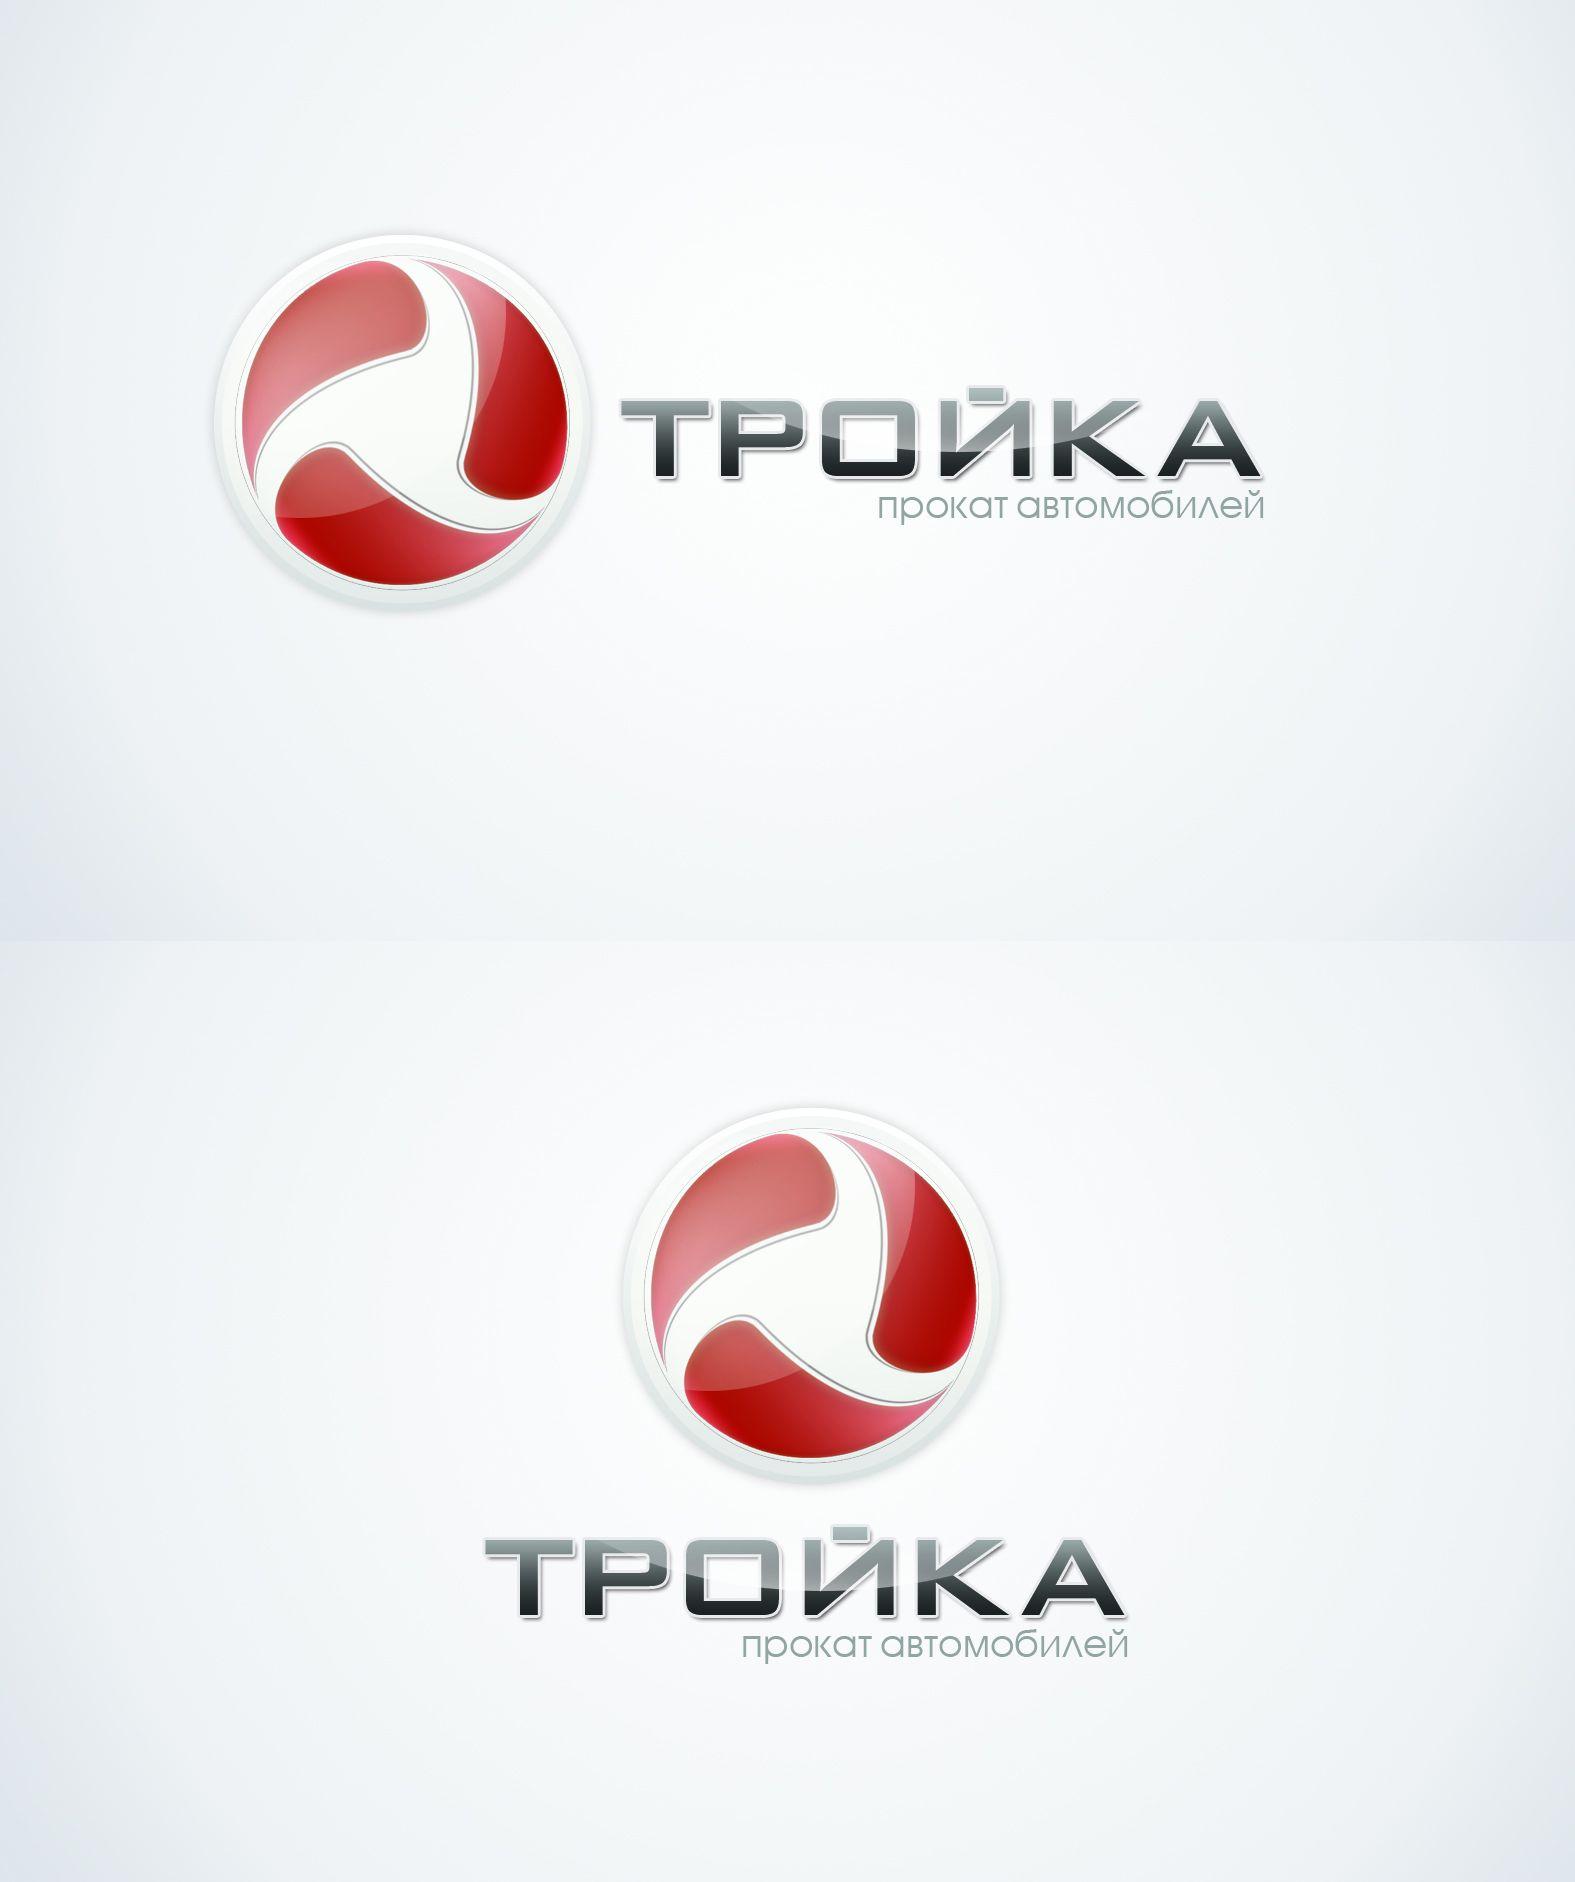 Логотип для компании проката автомобилей - дизайнер MabidaMagz